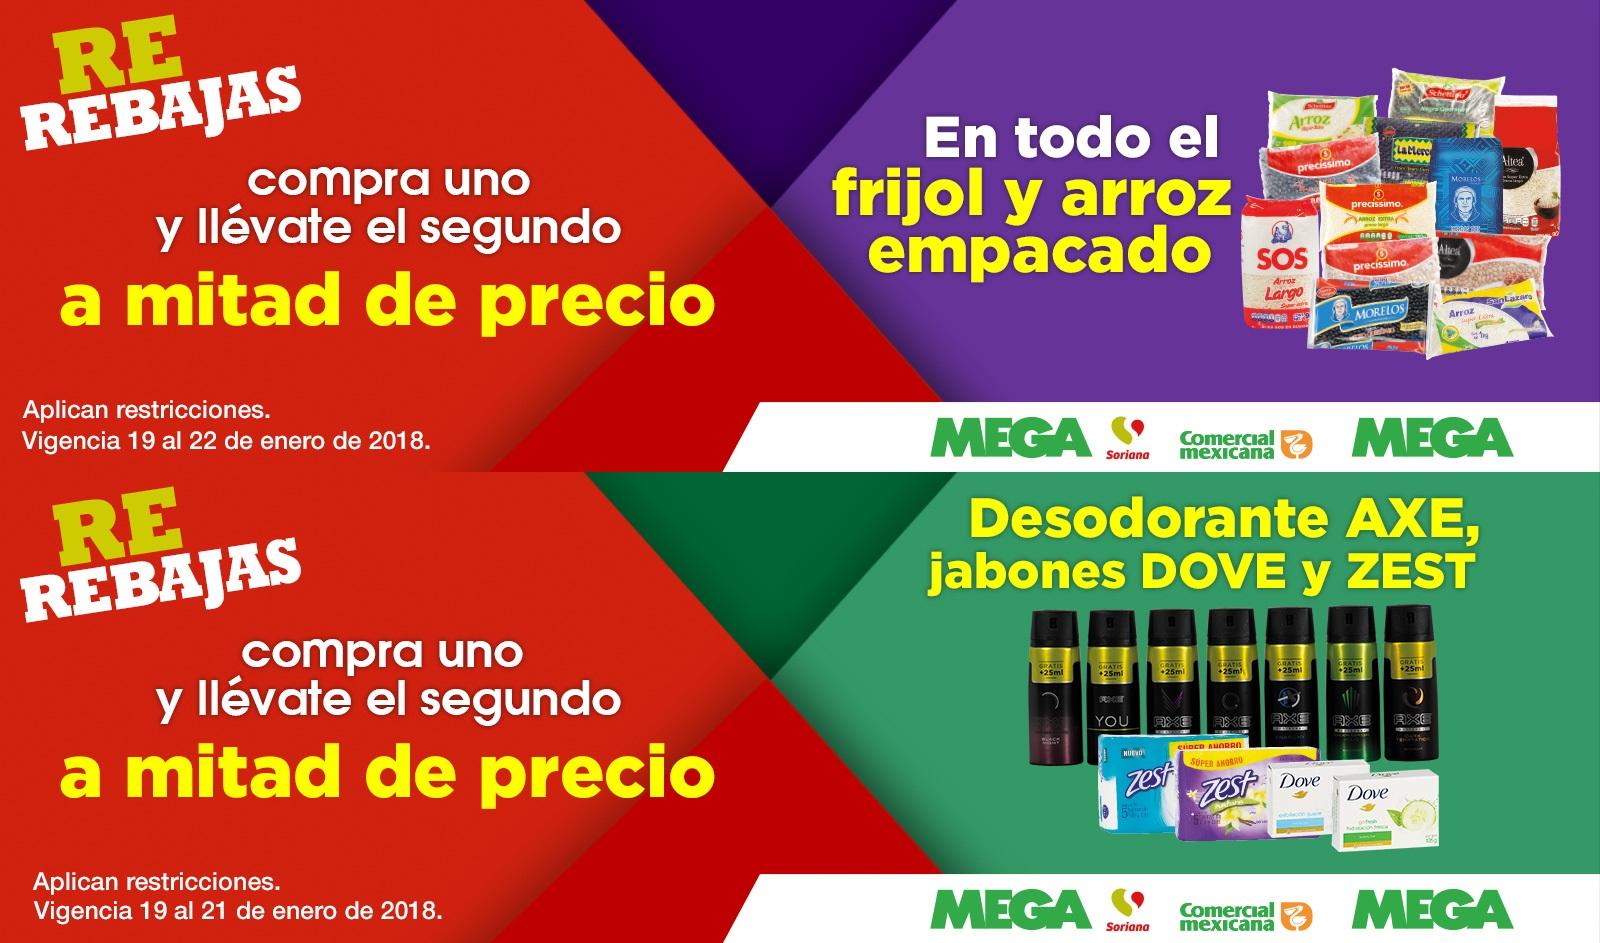 Comercial Mexicana, MEGA, Soriana Híper y Súper: 2 x 1½ en frijol y arroz empacado... 2 x 1½ en desodorantes Axe y jabones Dove y Zest... Detergentes 4.6 L $98.00